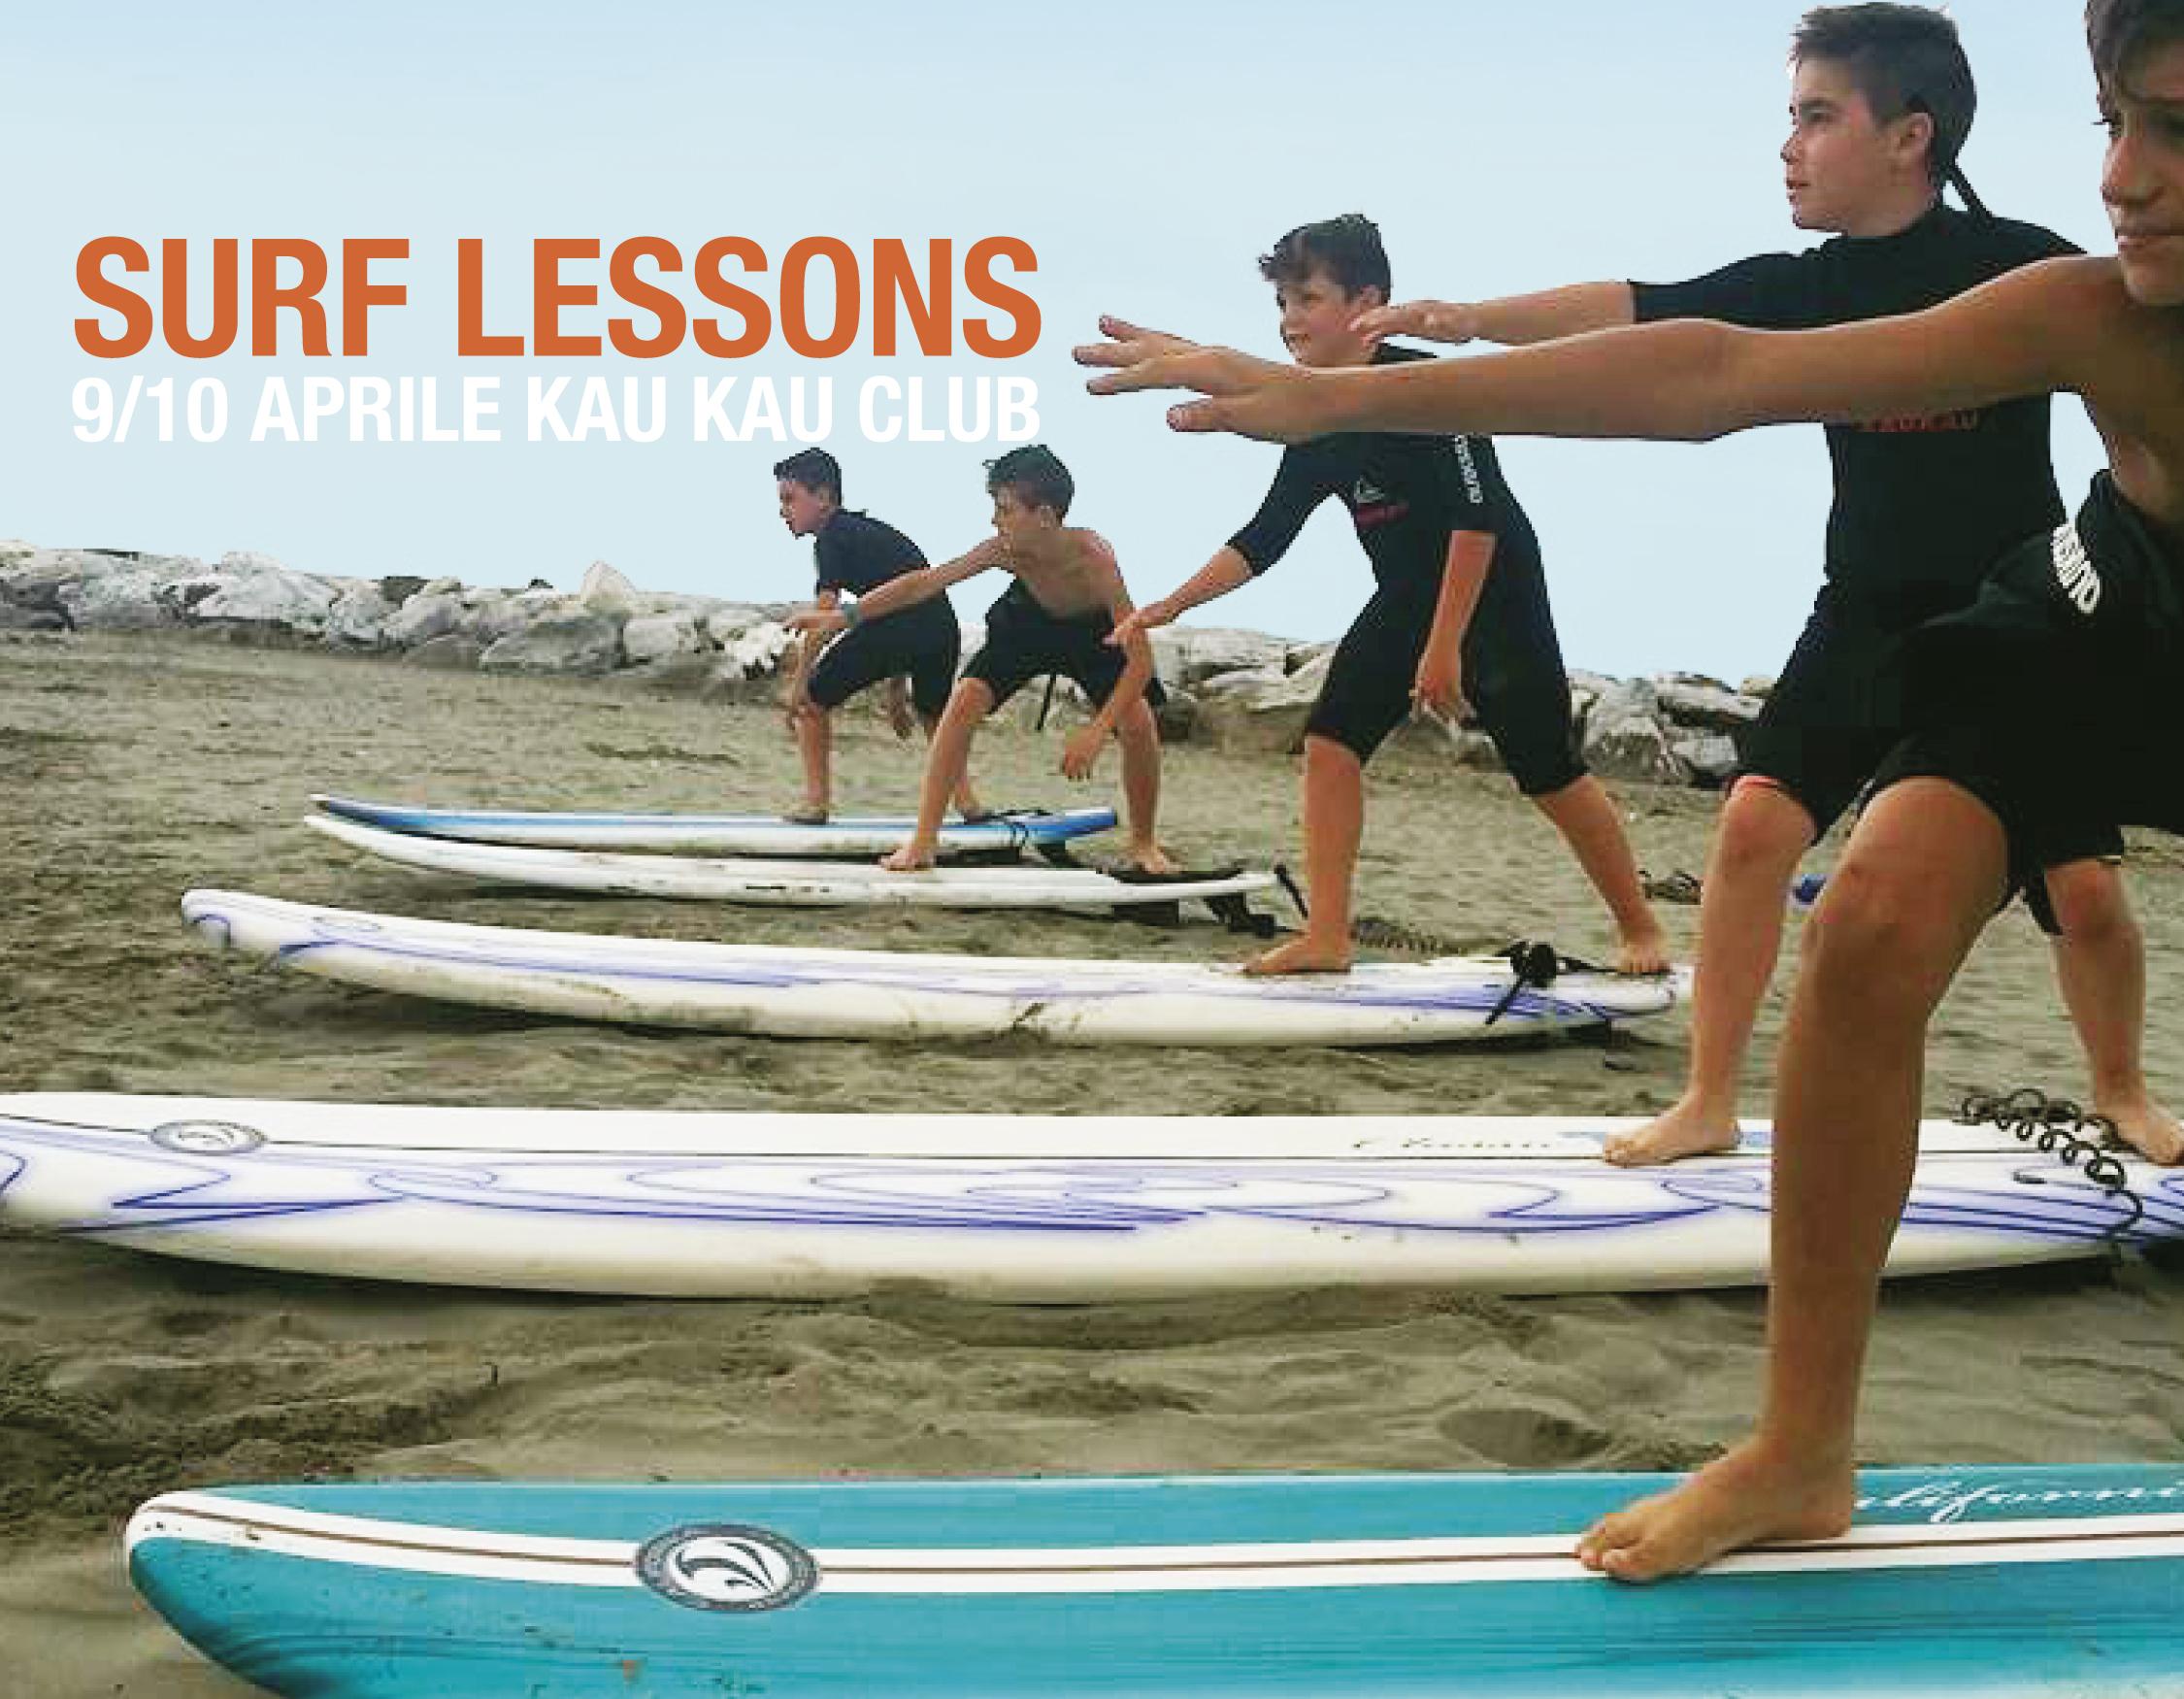 lezione di surf kaukauu